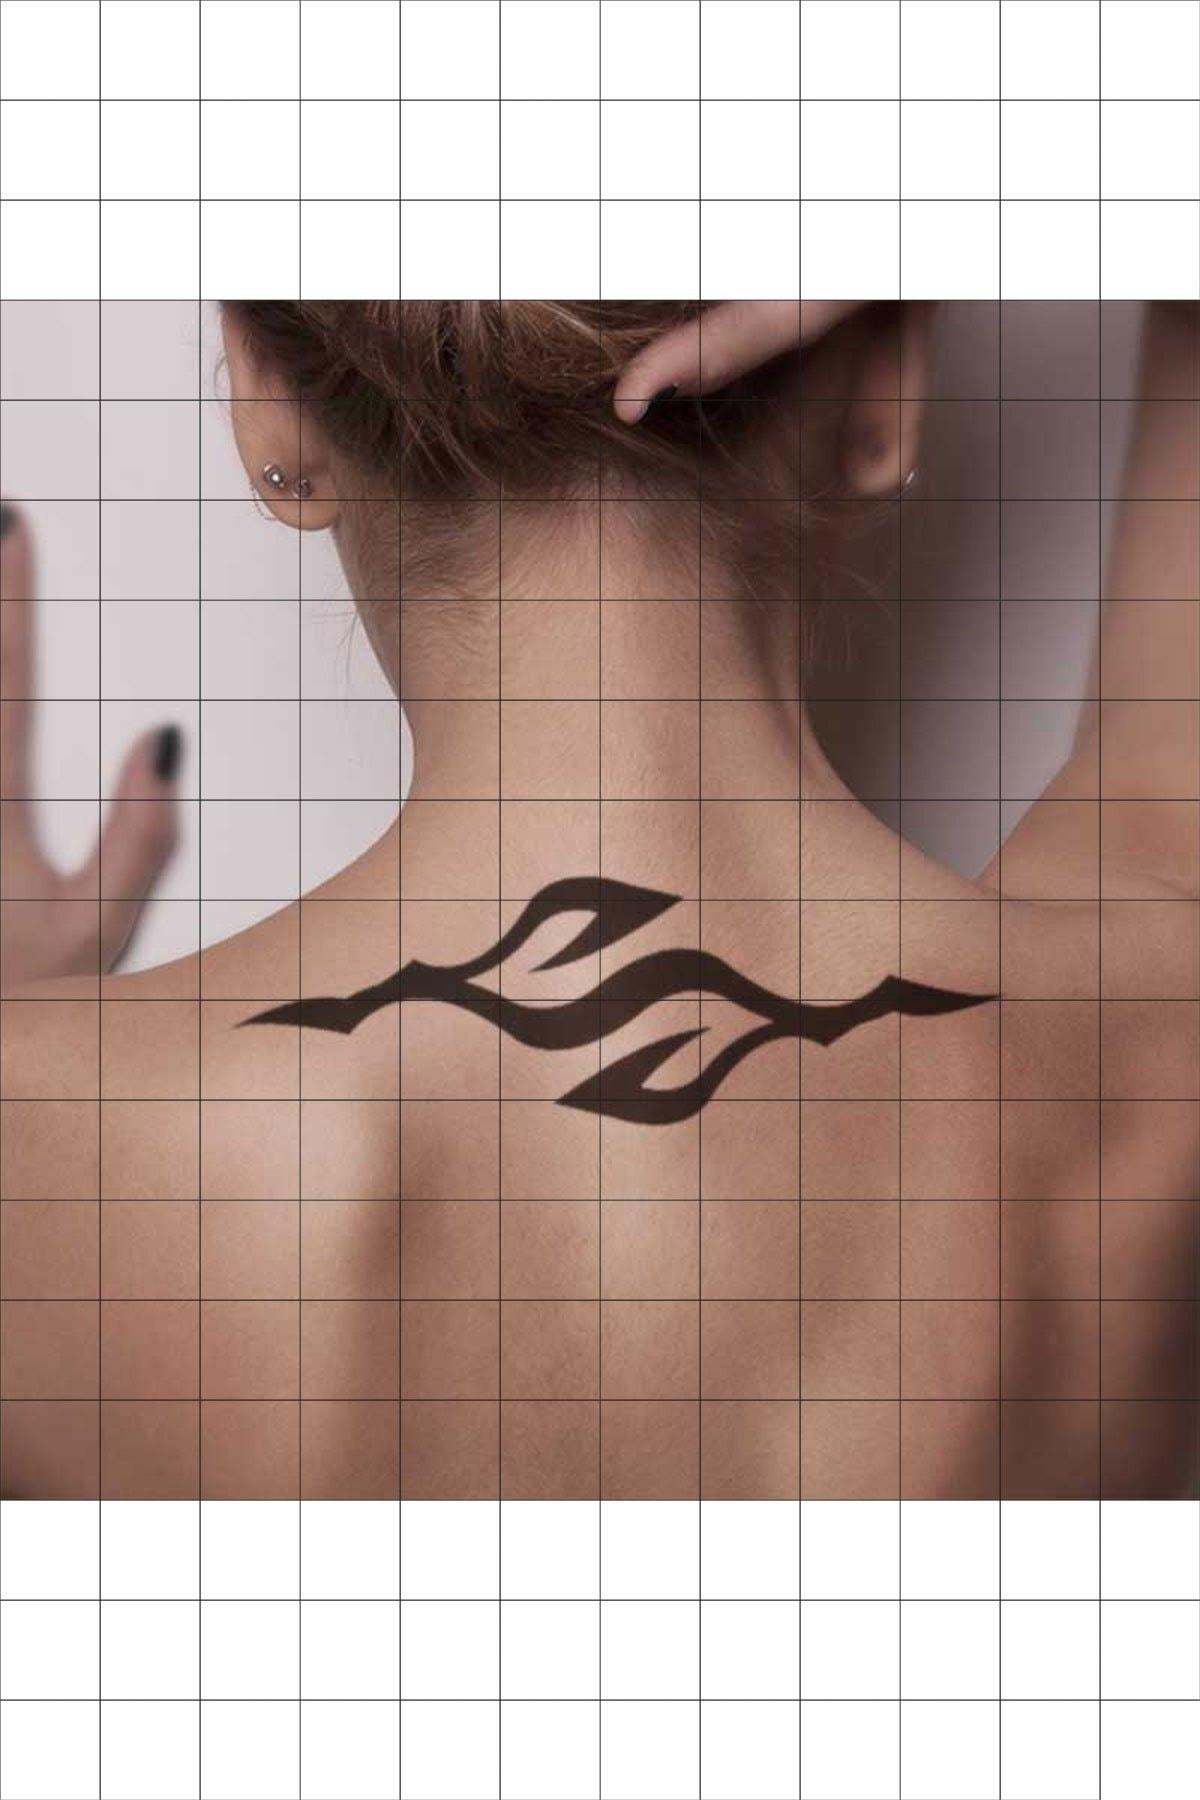 TatFast Kol Bandı 696 Geçici Dövme Flash Tattoo 1